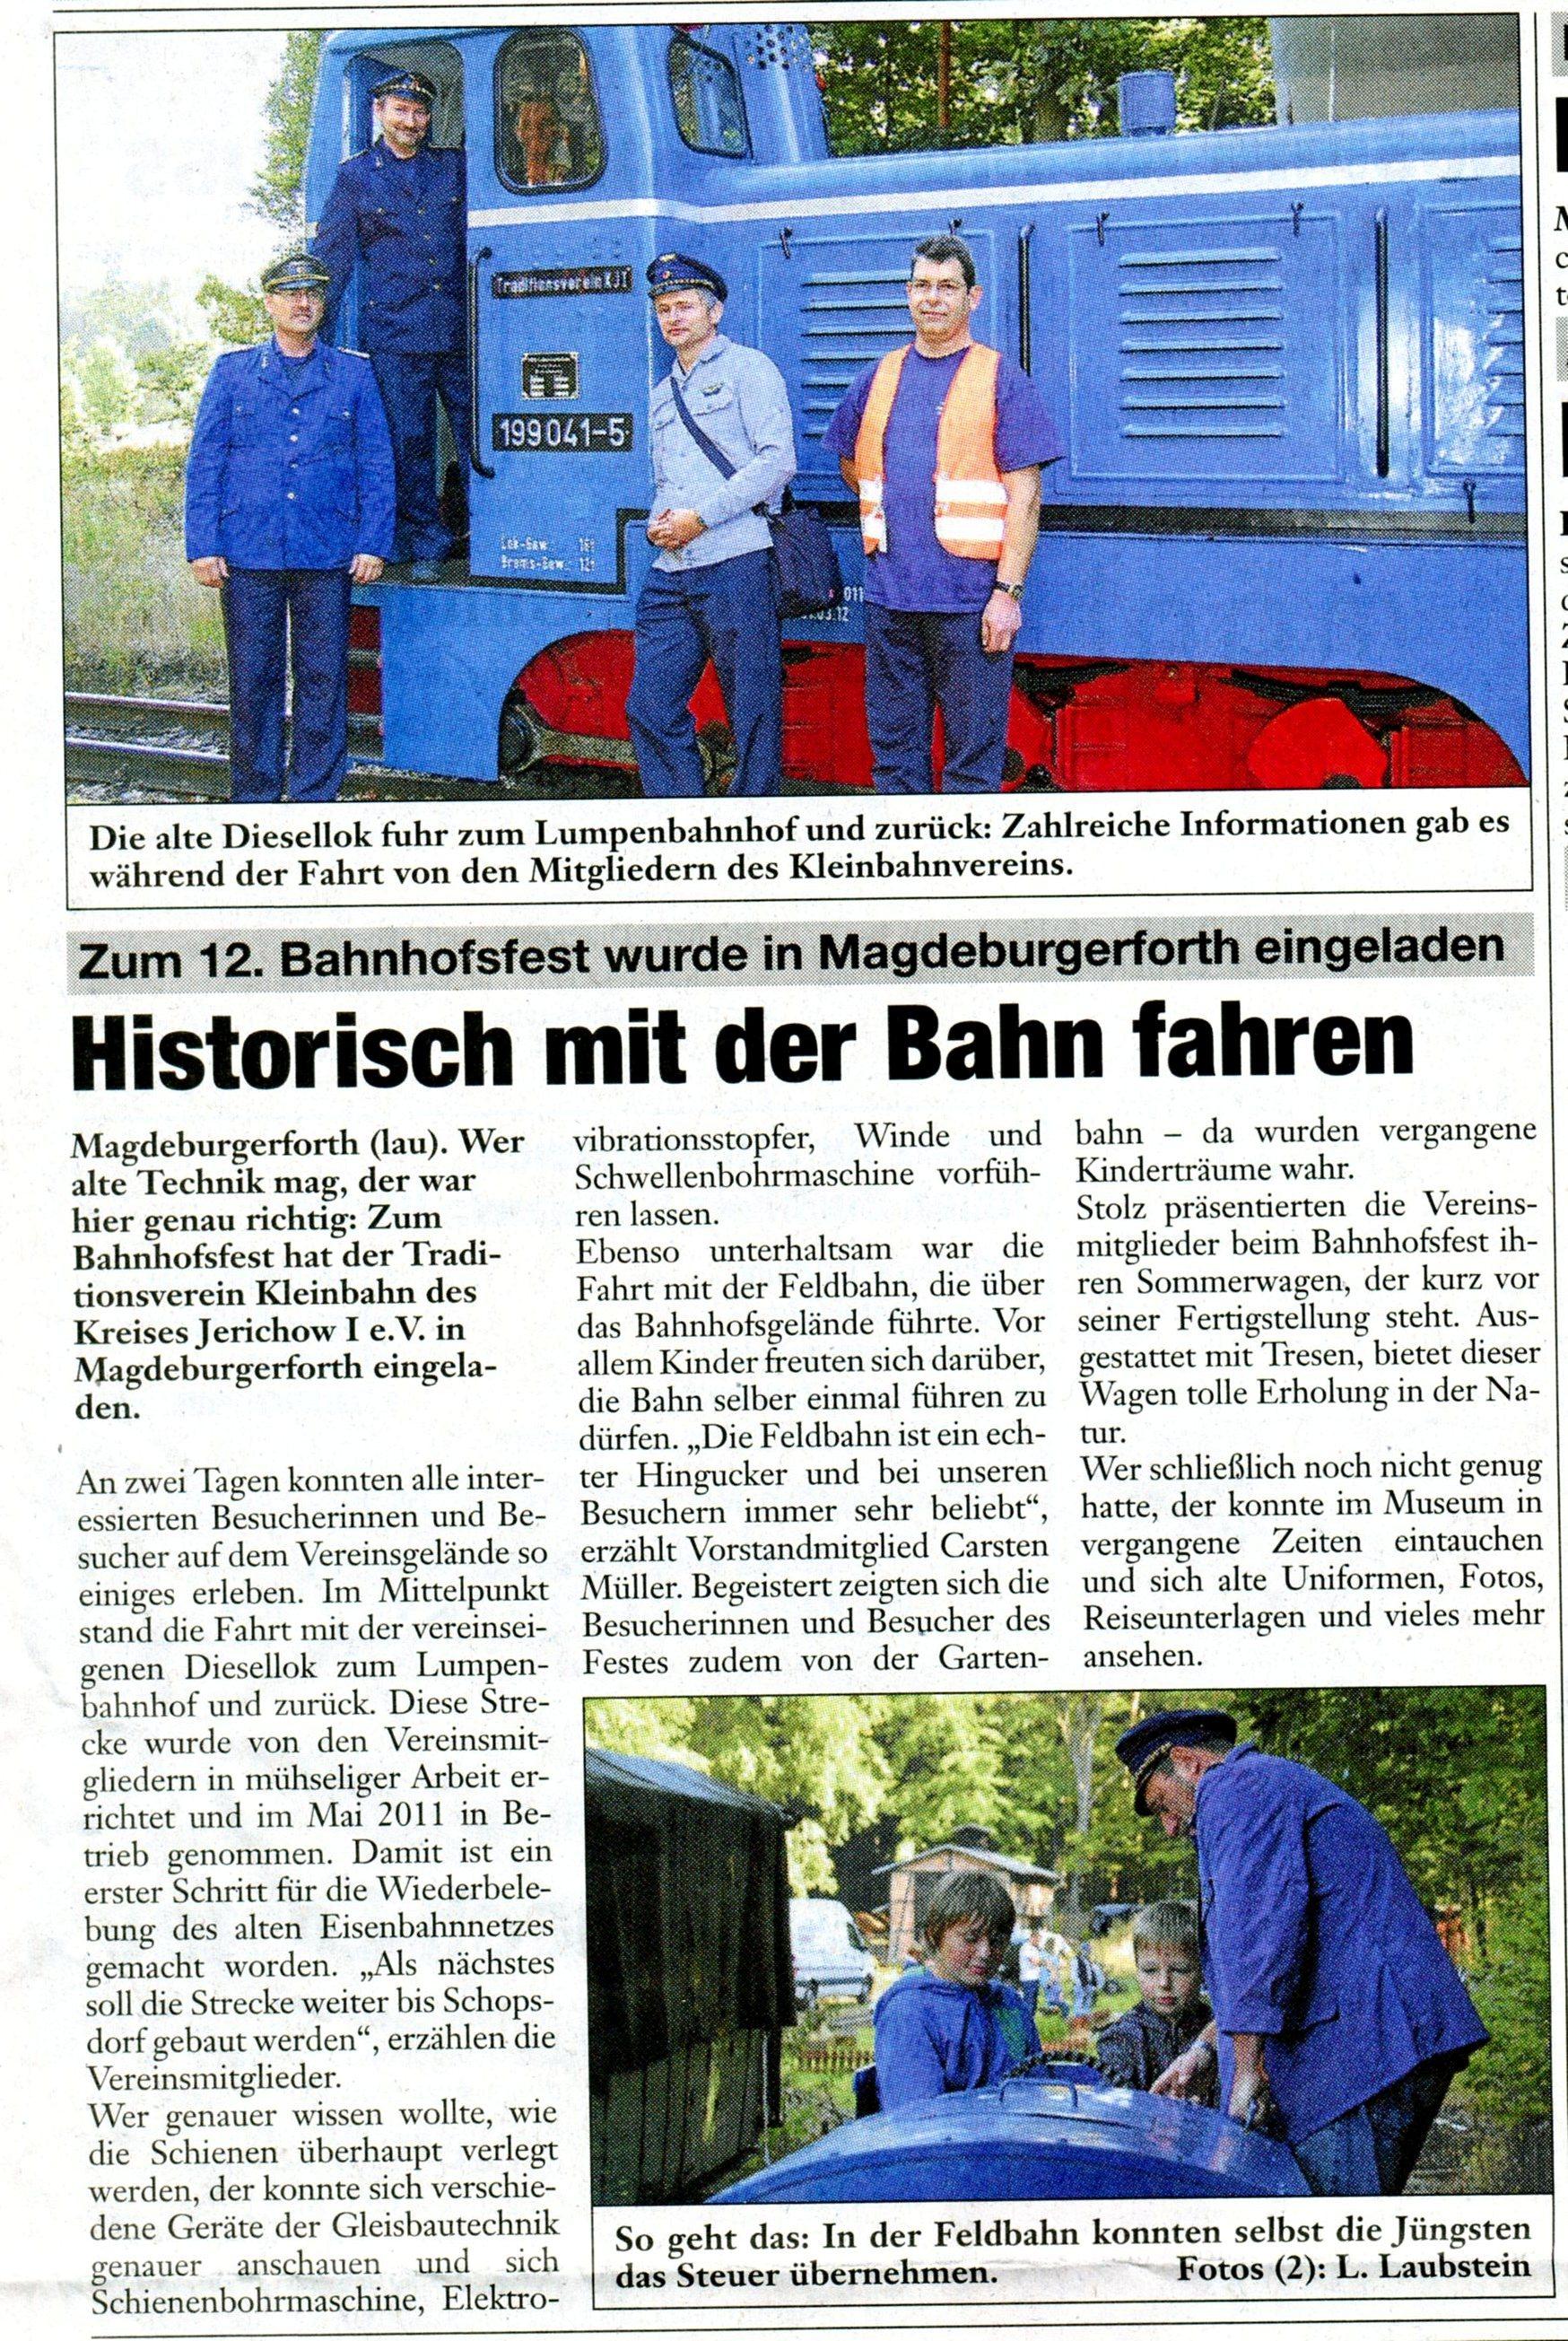 (Burg Spiegel 23.09.2012)